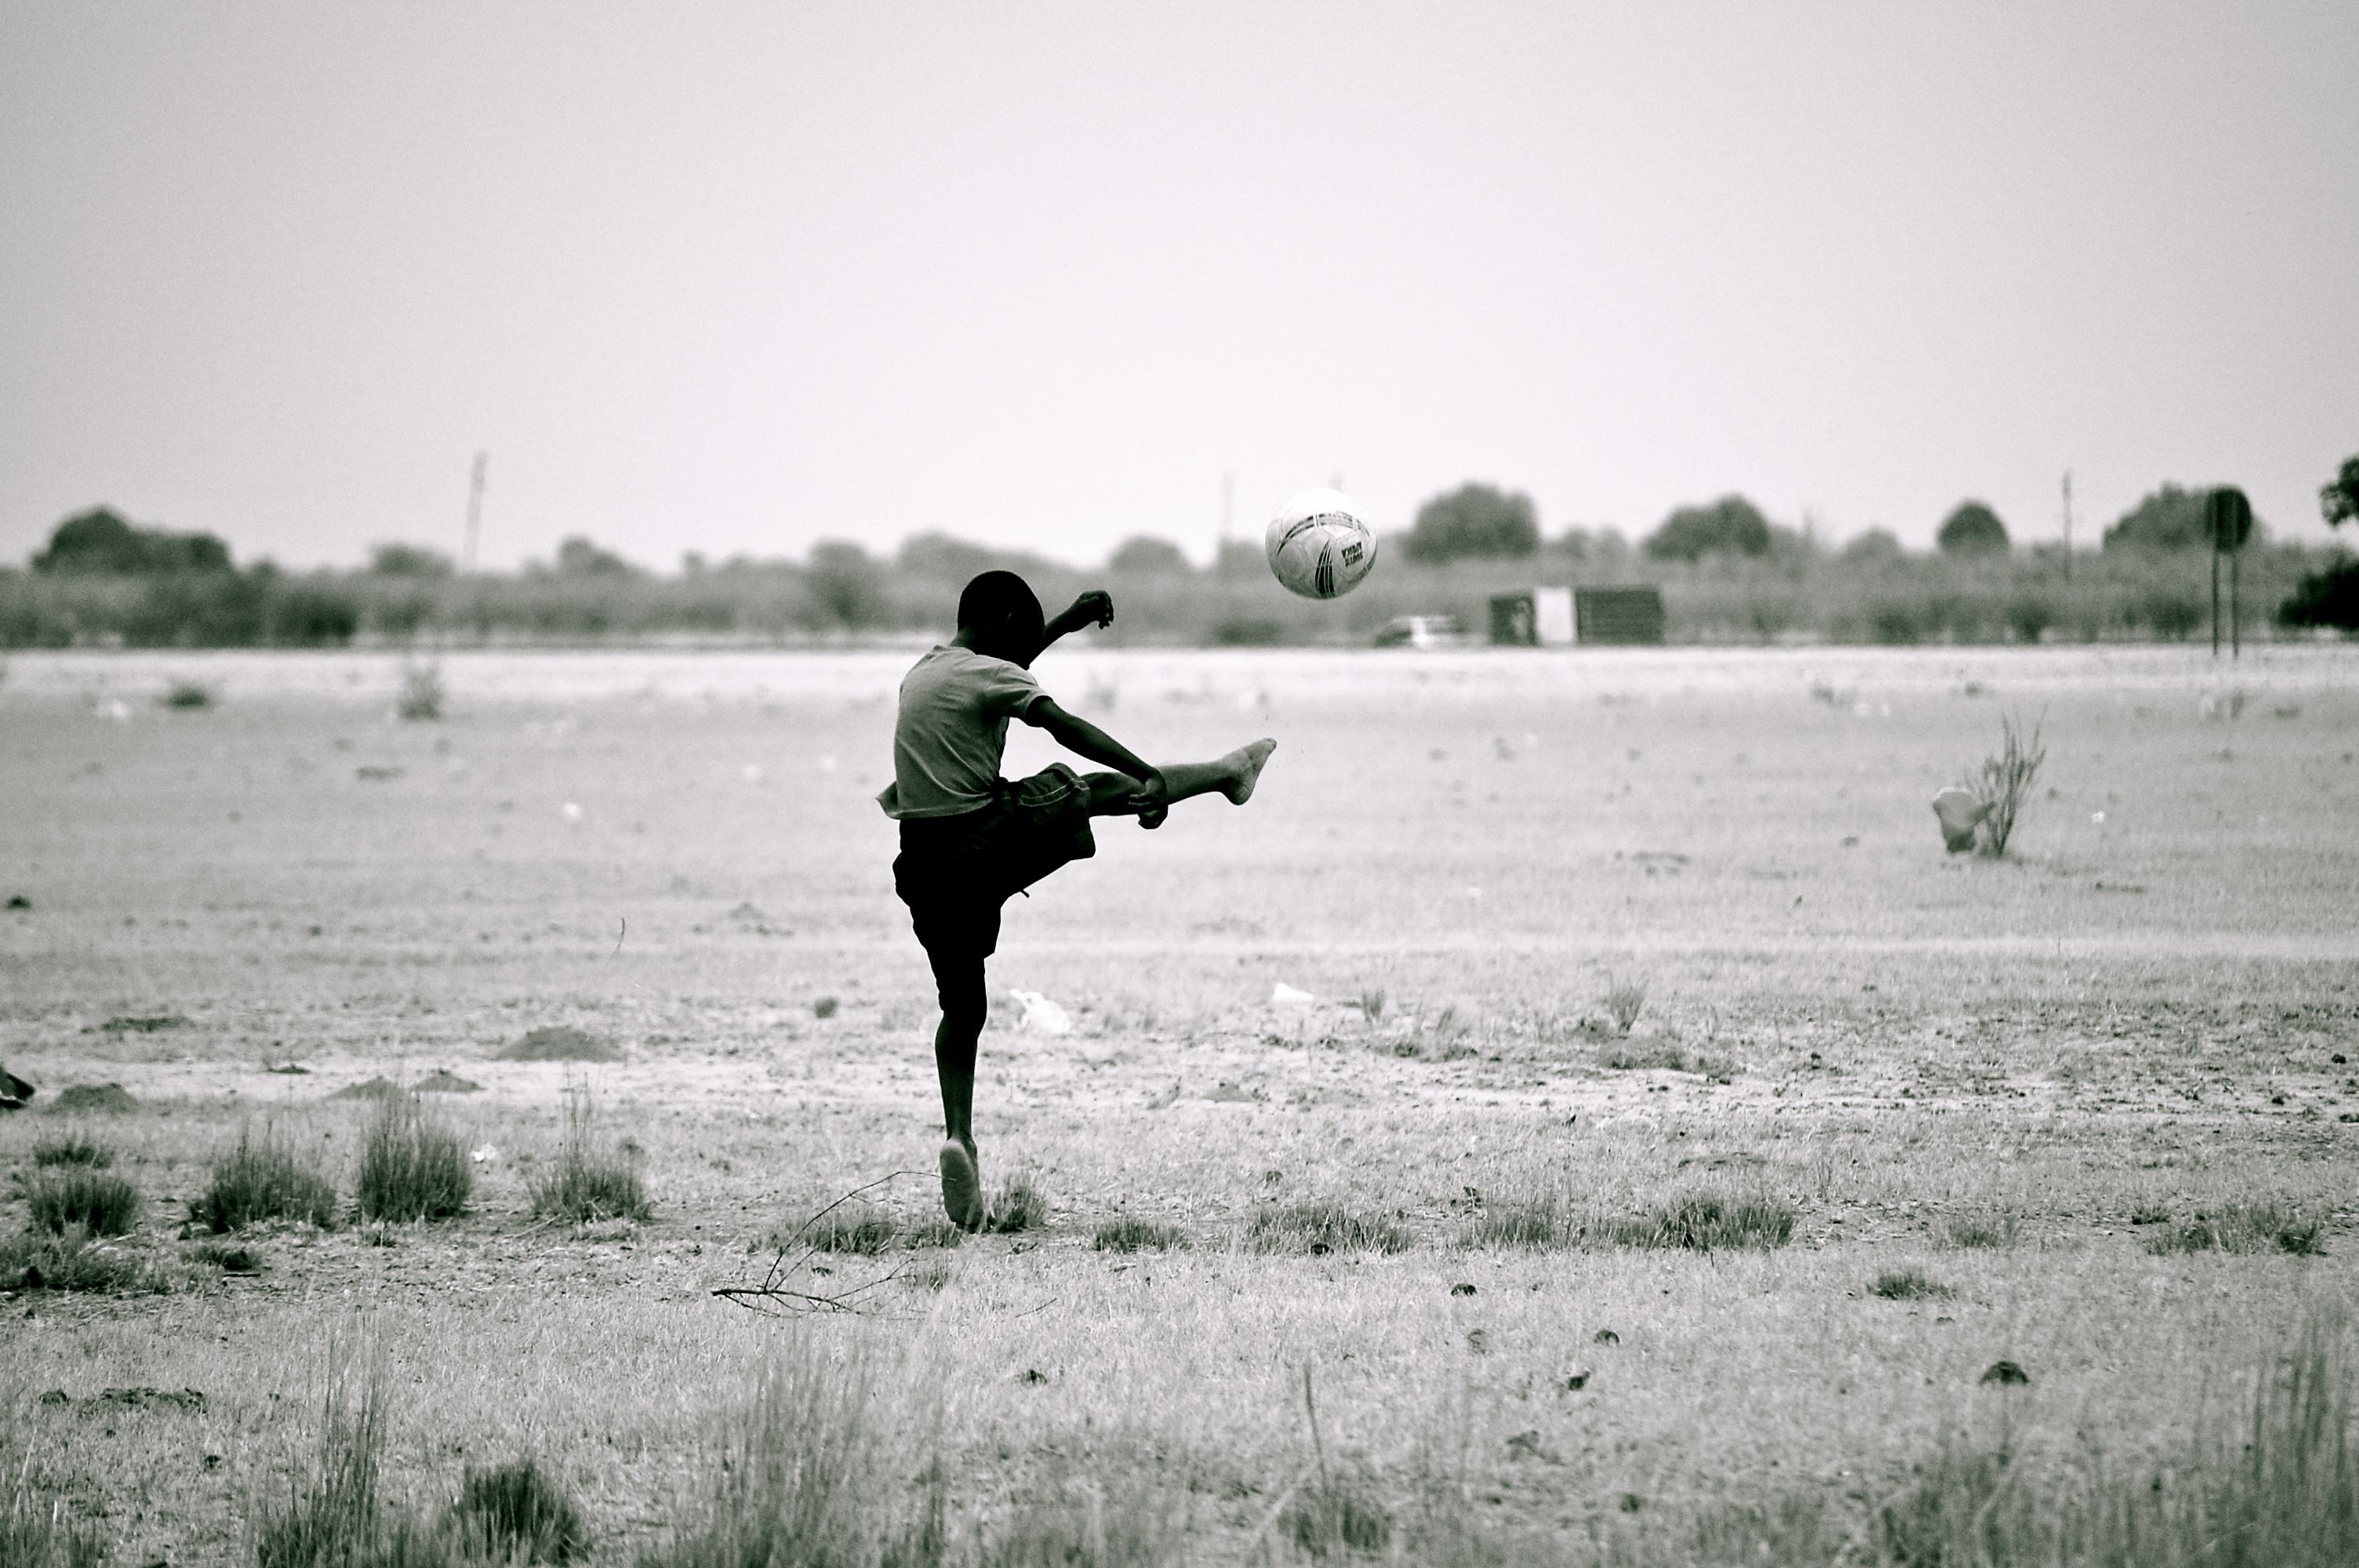 Winner: People - Nick Kelley '12 (Namibia)